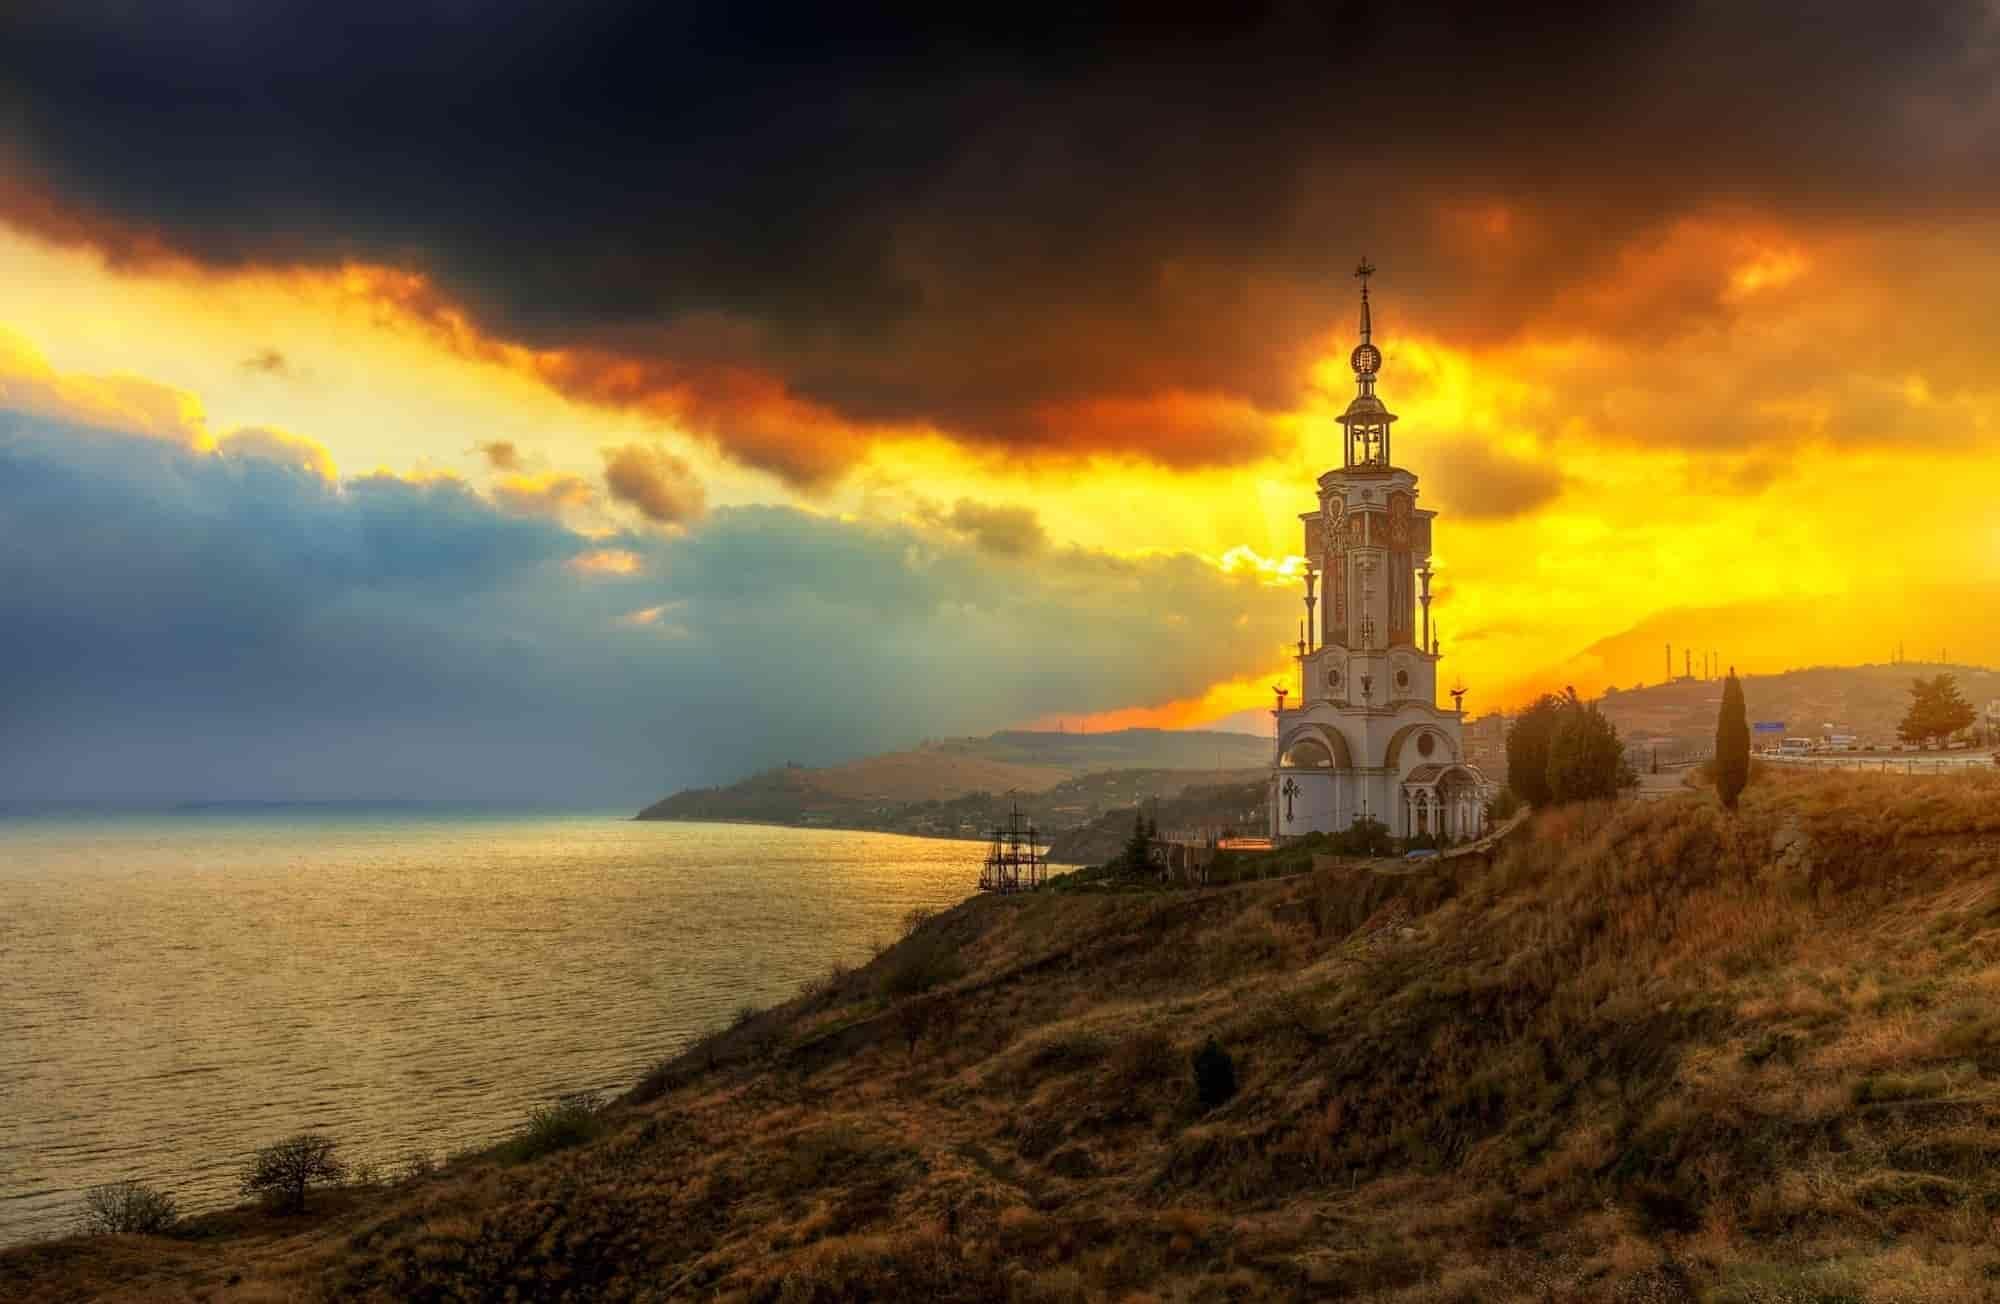 Синоптики рассказали, какой будет погода в Крыму на этой неделе